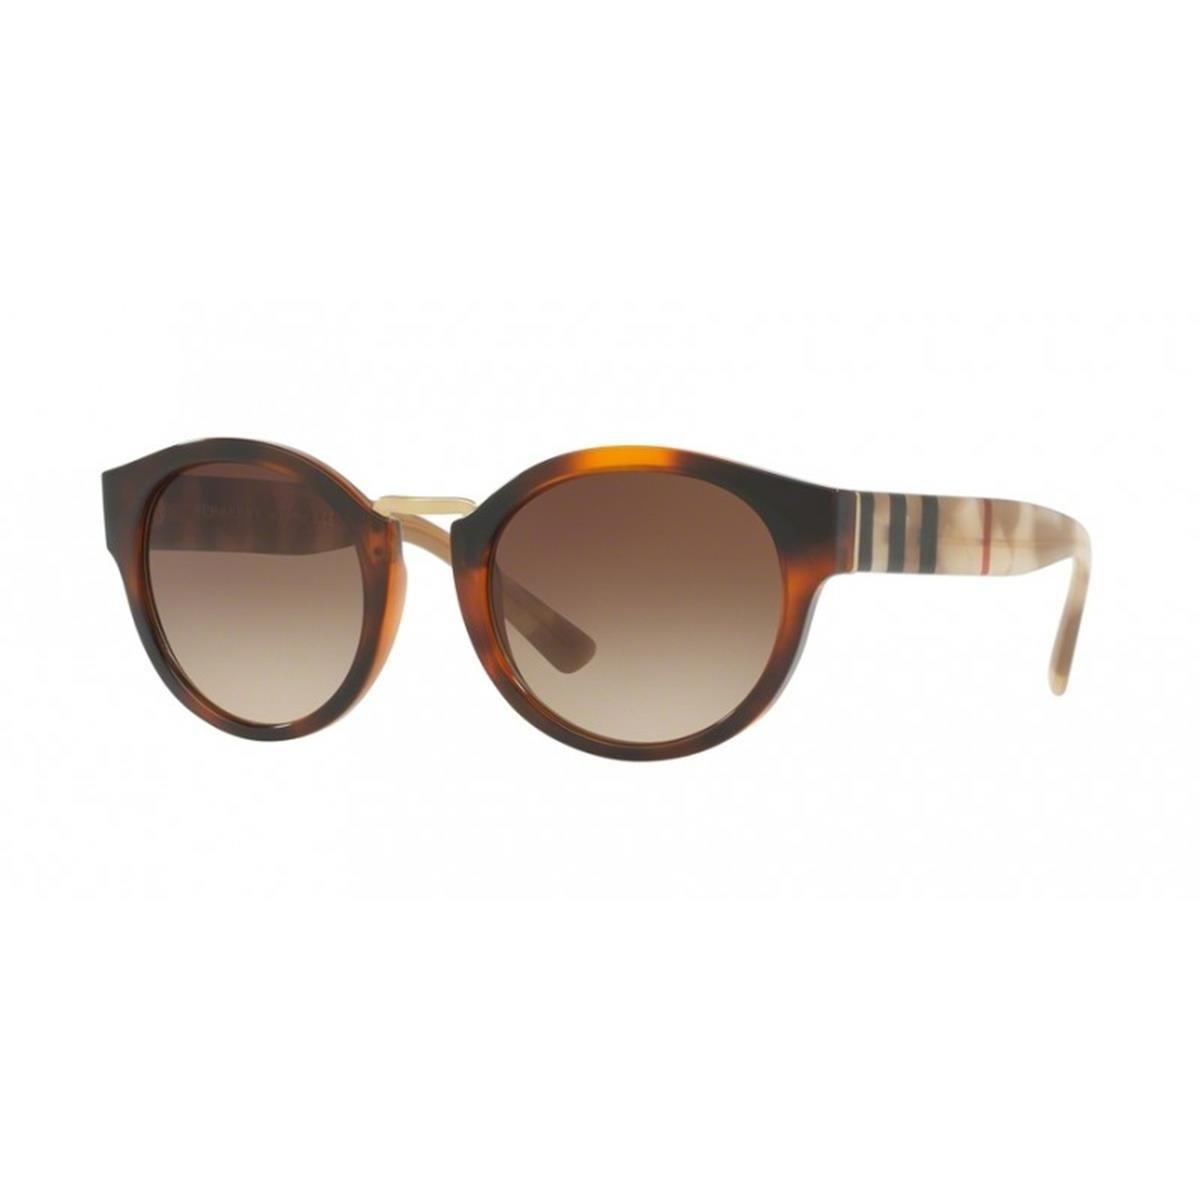 BURBERRY Unisex Sonnenbrille B01D5V8BYW Sonnenbrillen Internationaler großer Name